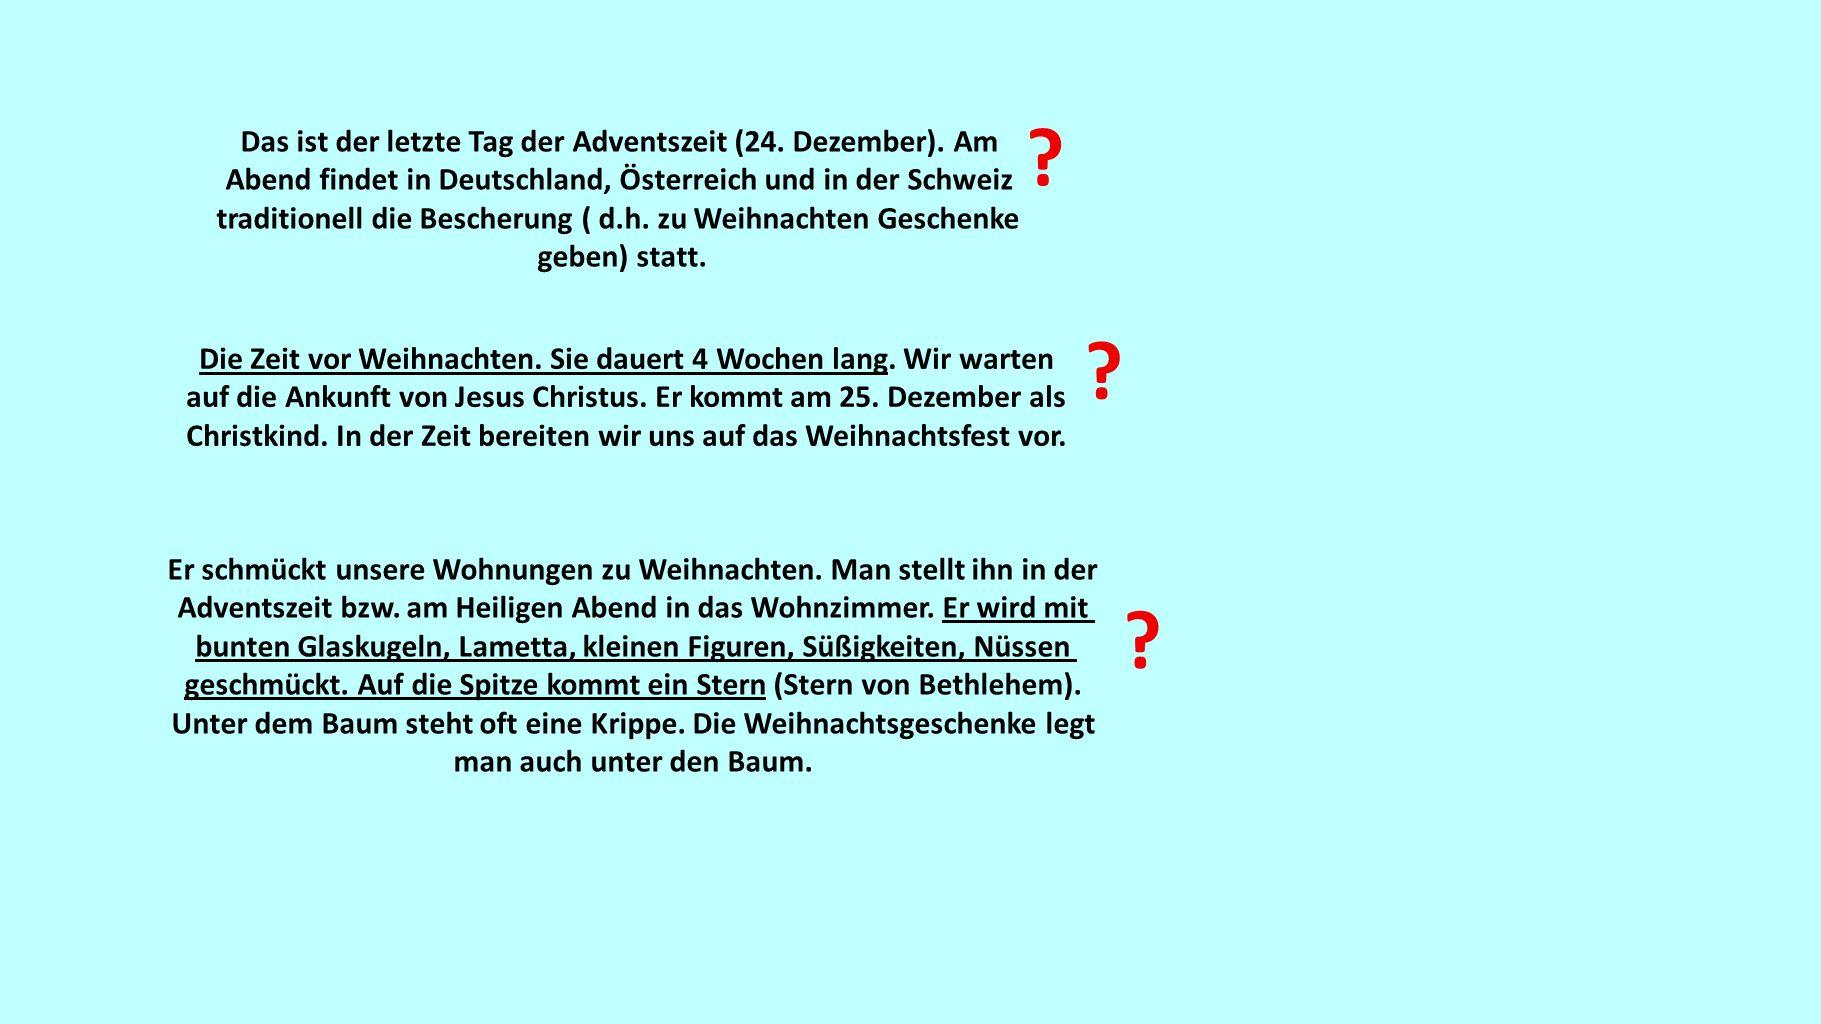 Das ist der letzte Tag der Adventszeit (24. Dezember). Am Abend findet in Deutschland, Österreich und in der Schweiz traditionell die Bescherung ( d.h